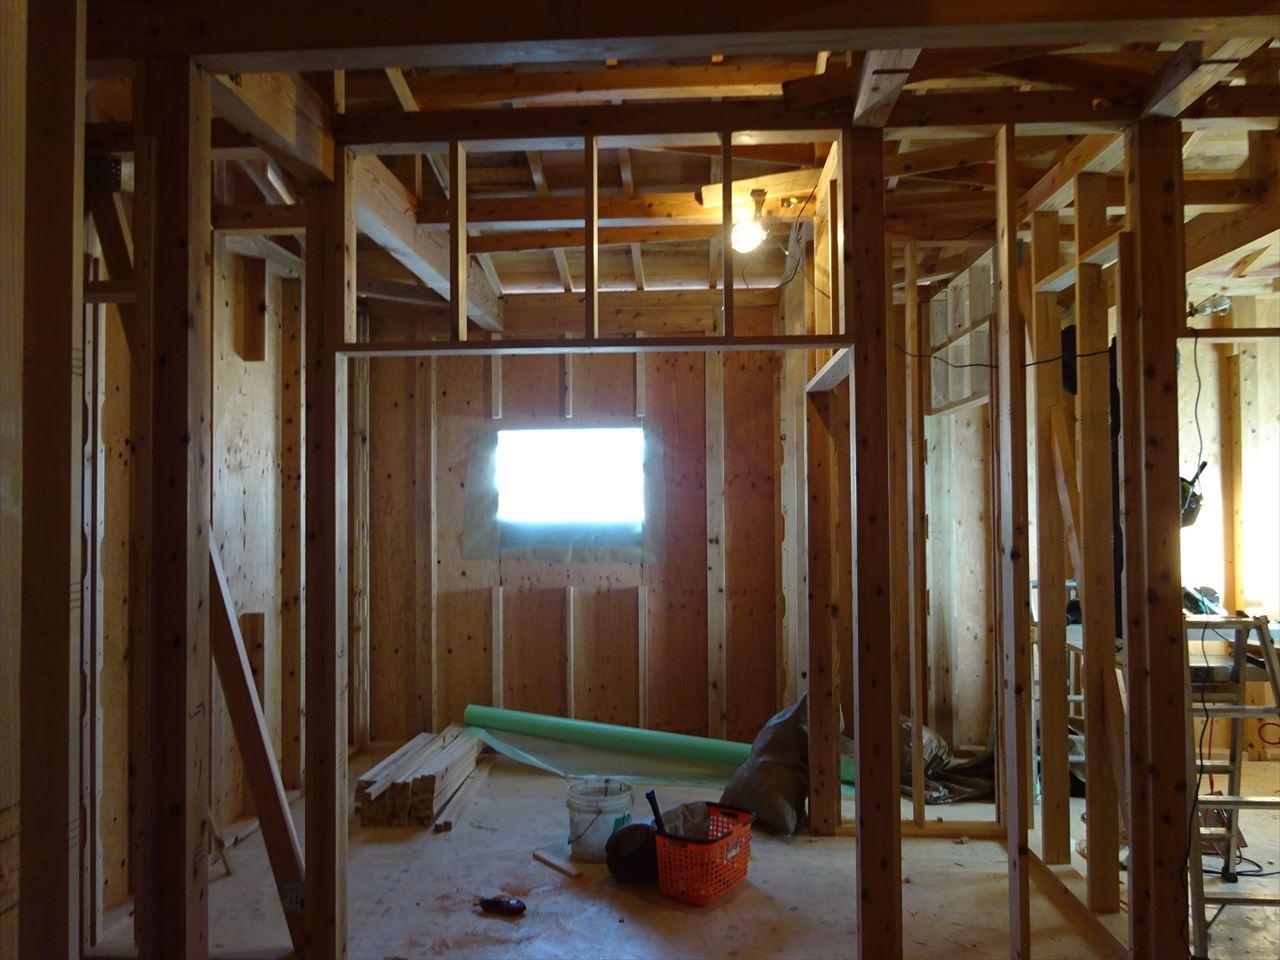 下太田 古材新築の家 建て方作業進行中です。_f0105112_04213586.jpg